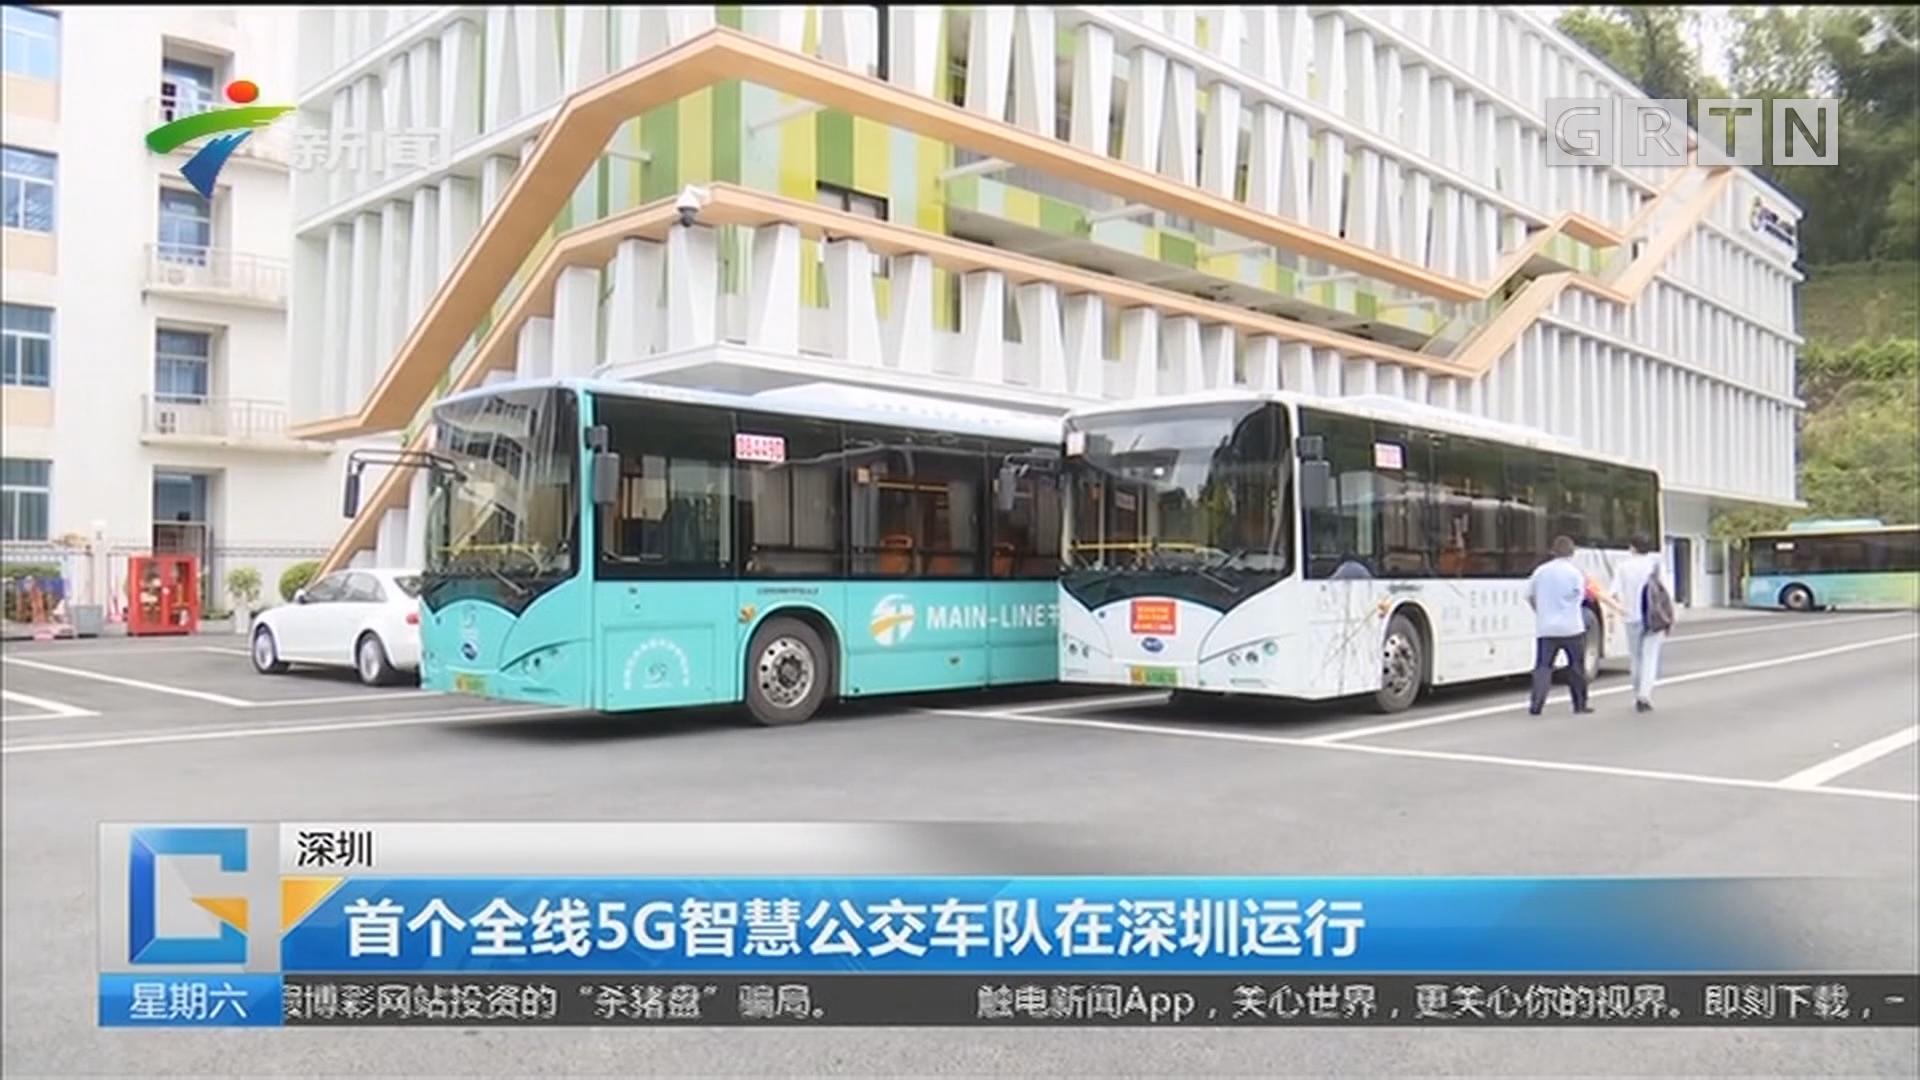 深圳 首个全线5G智慧公交车队在深圳运行